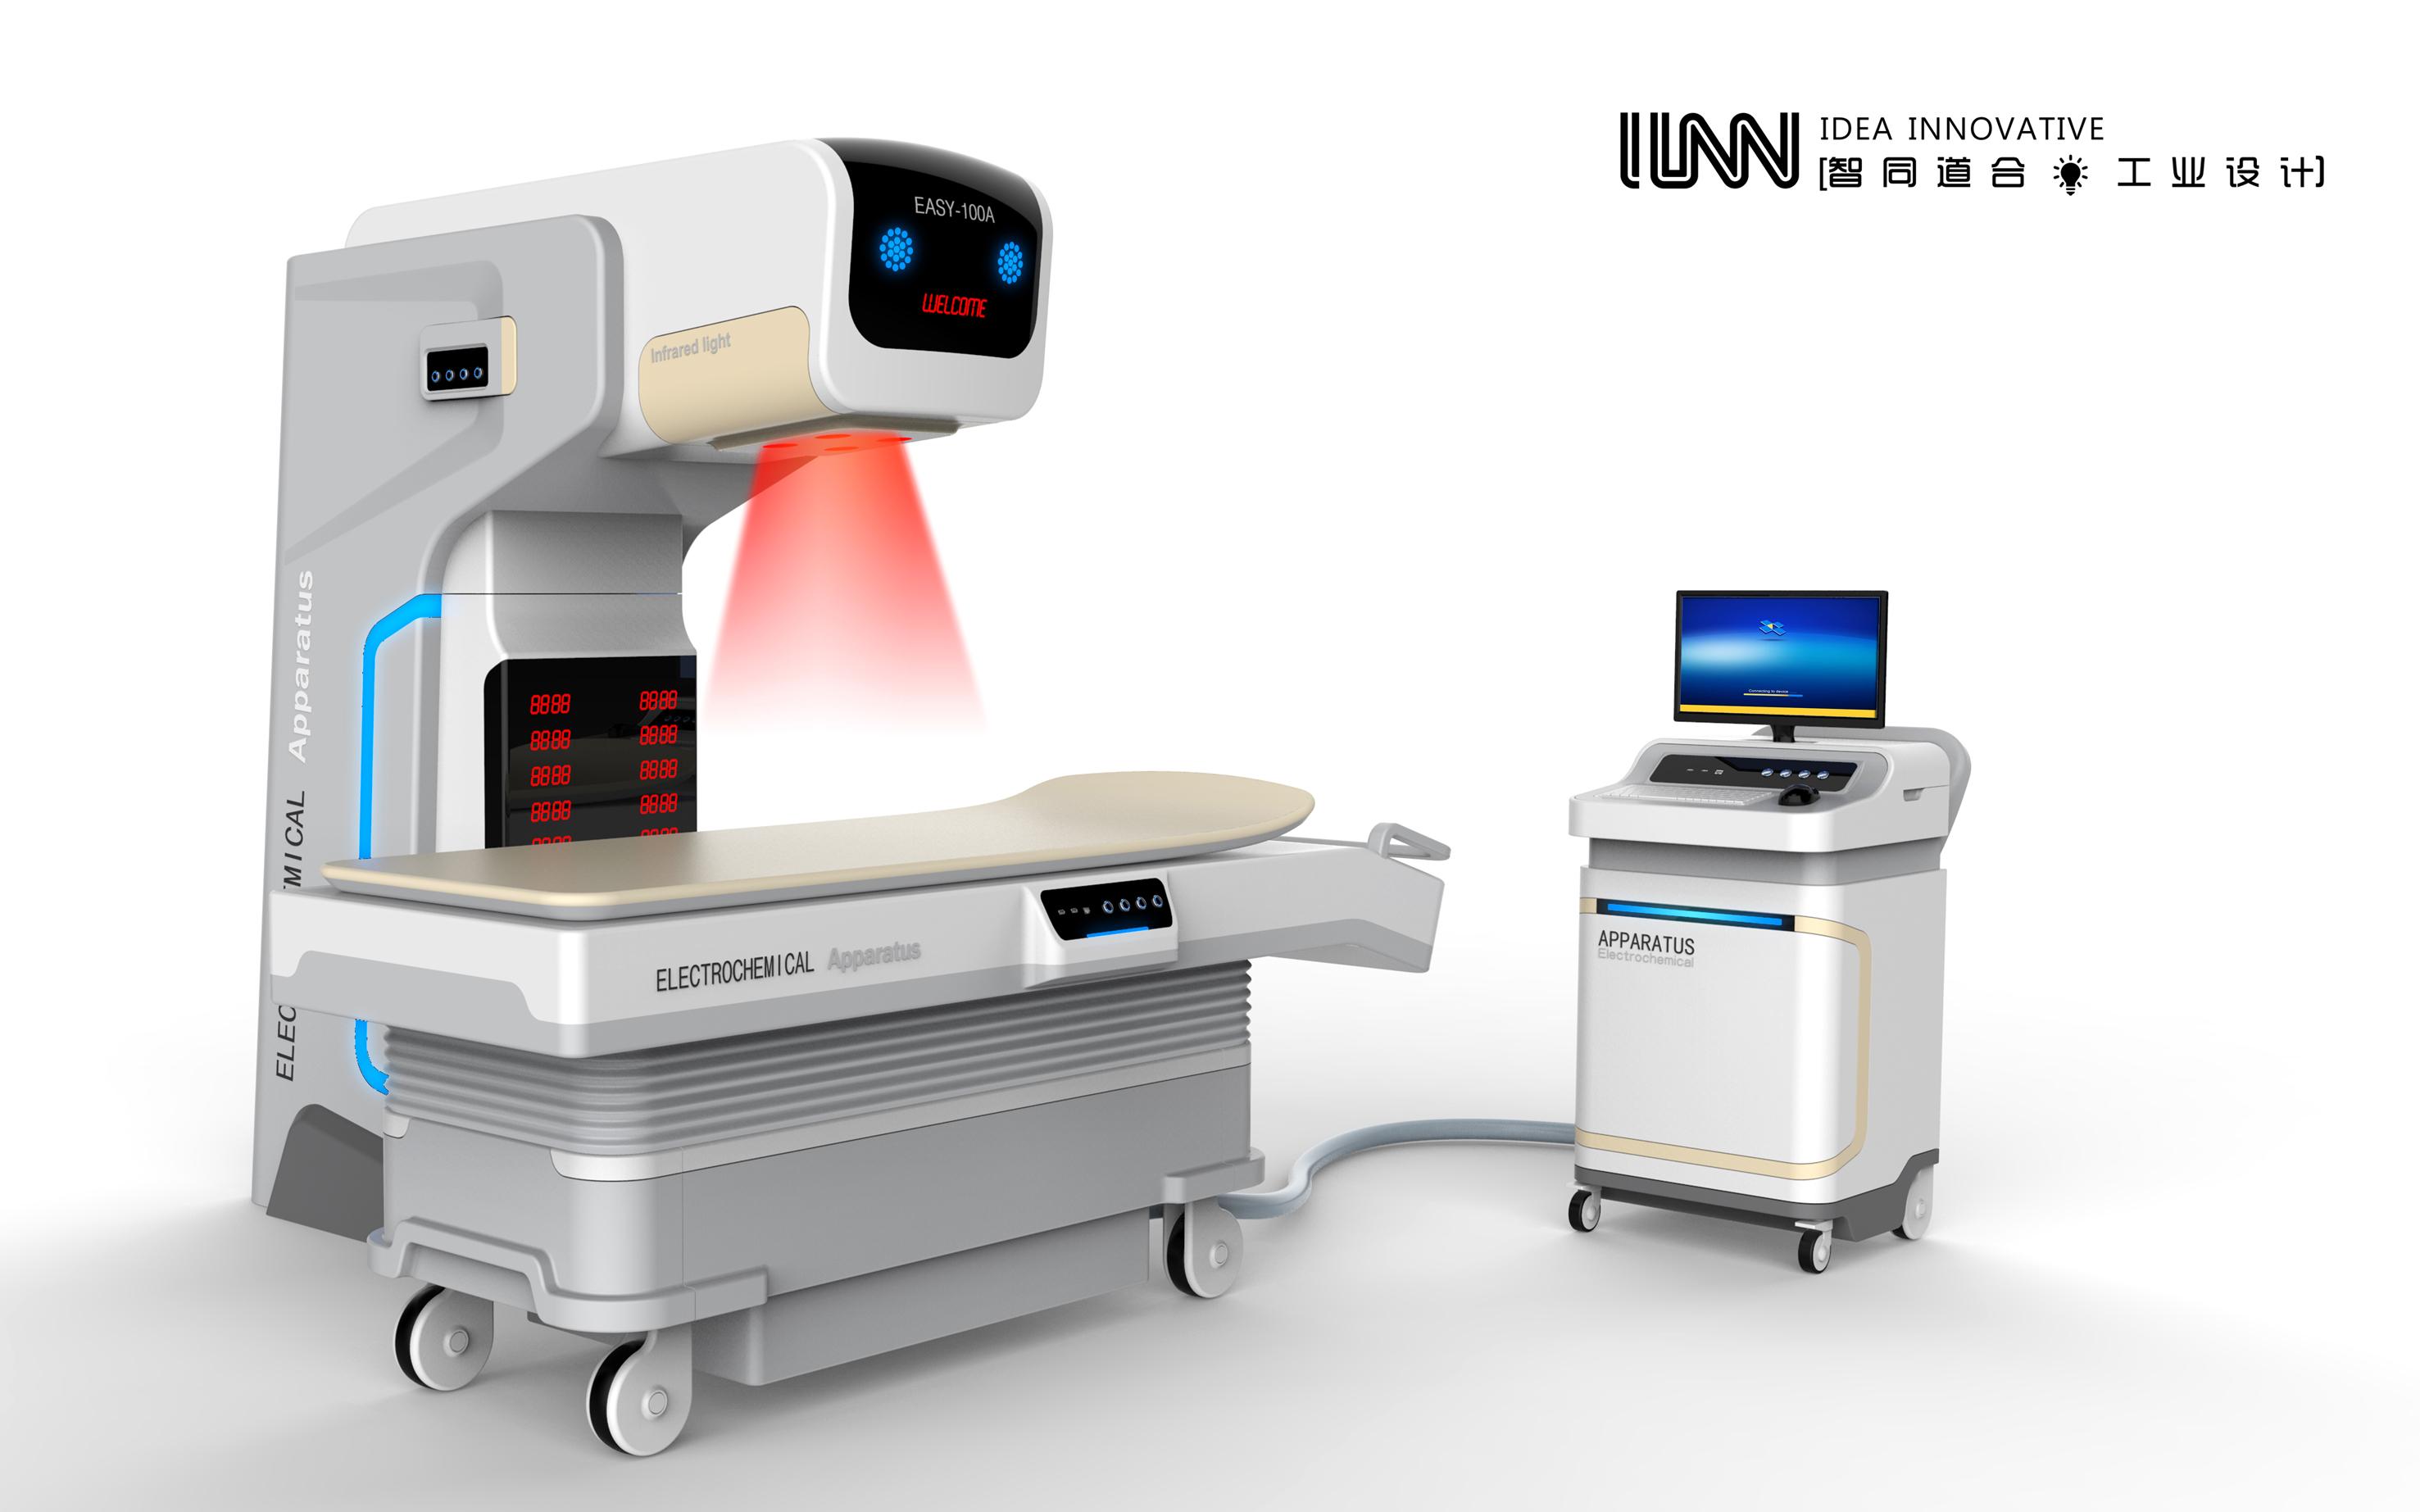 【医疗器械】医疗设备—工业设计—产品设计—产品外观—结构设计